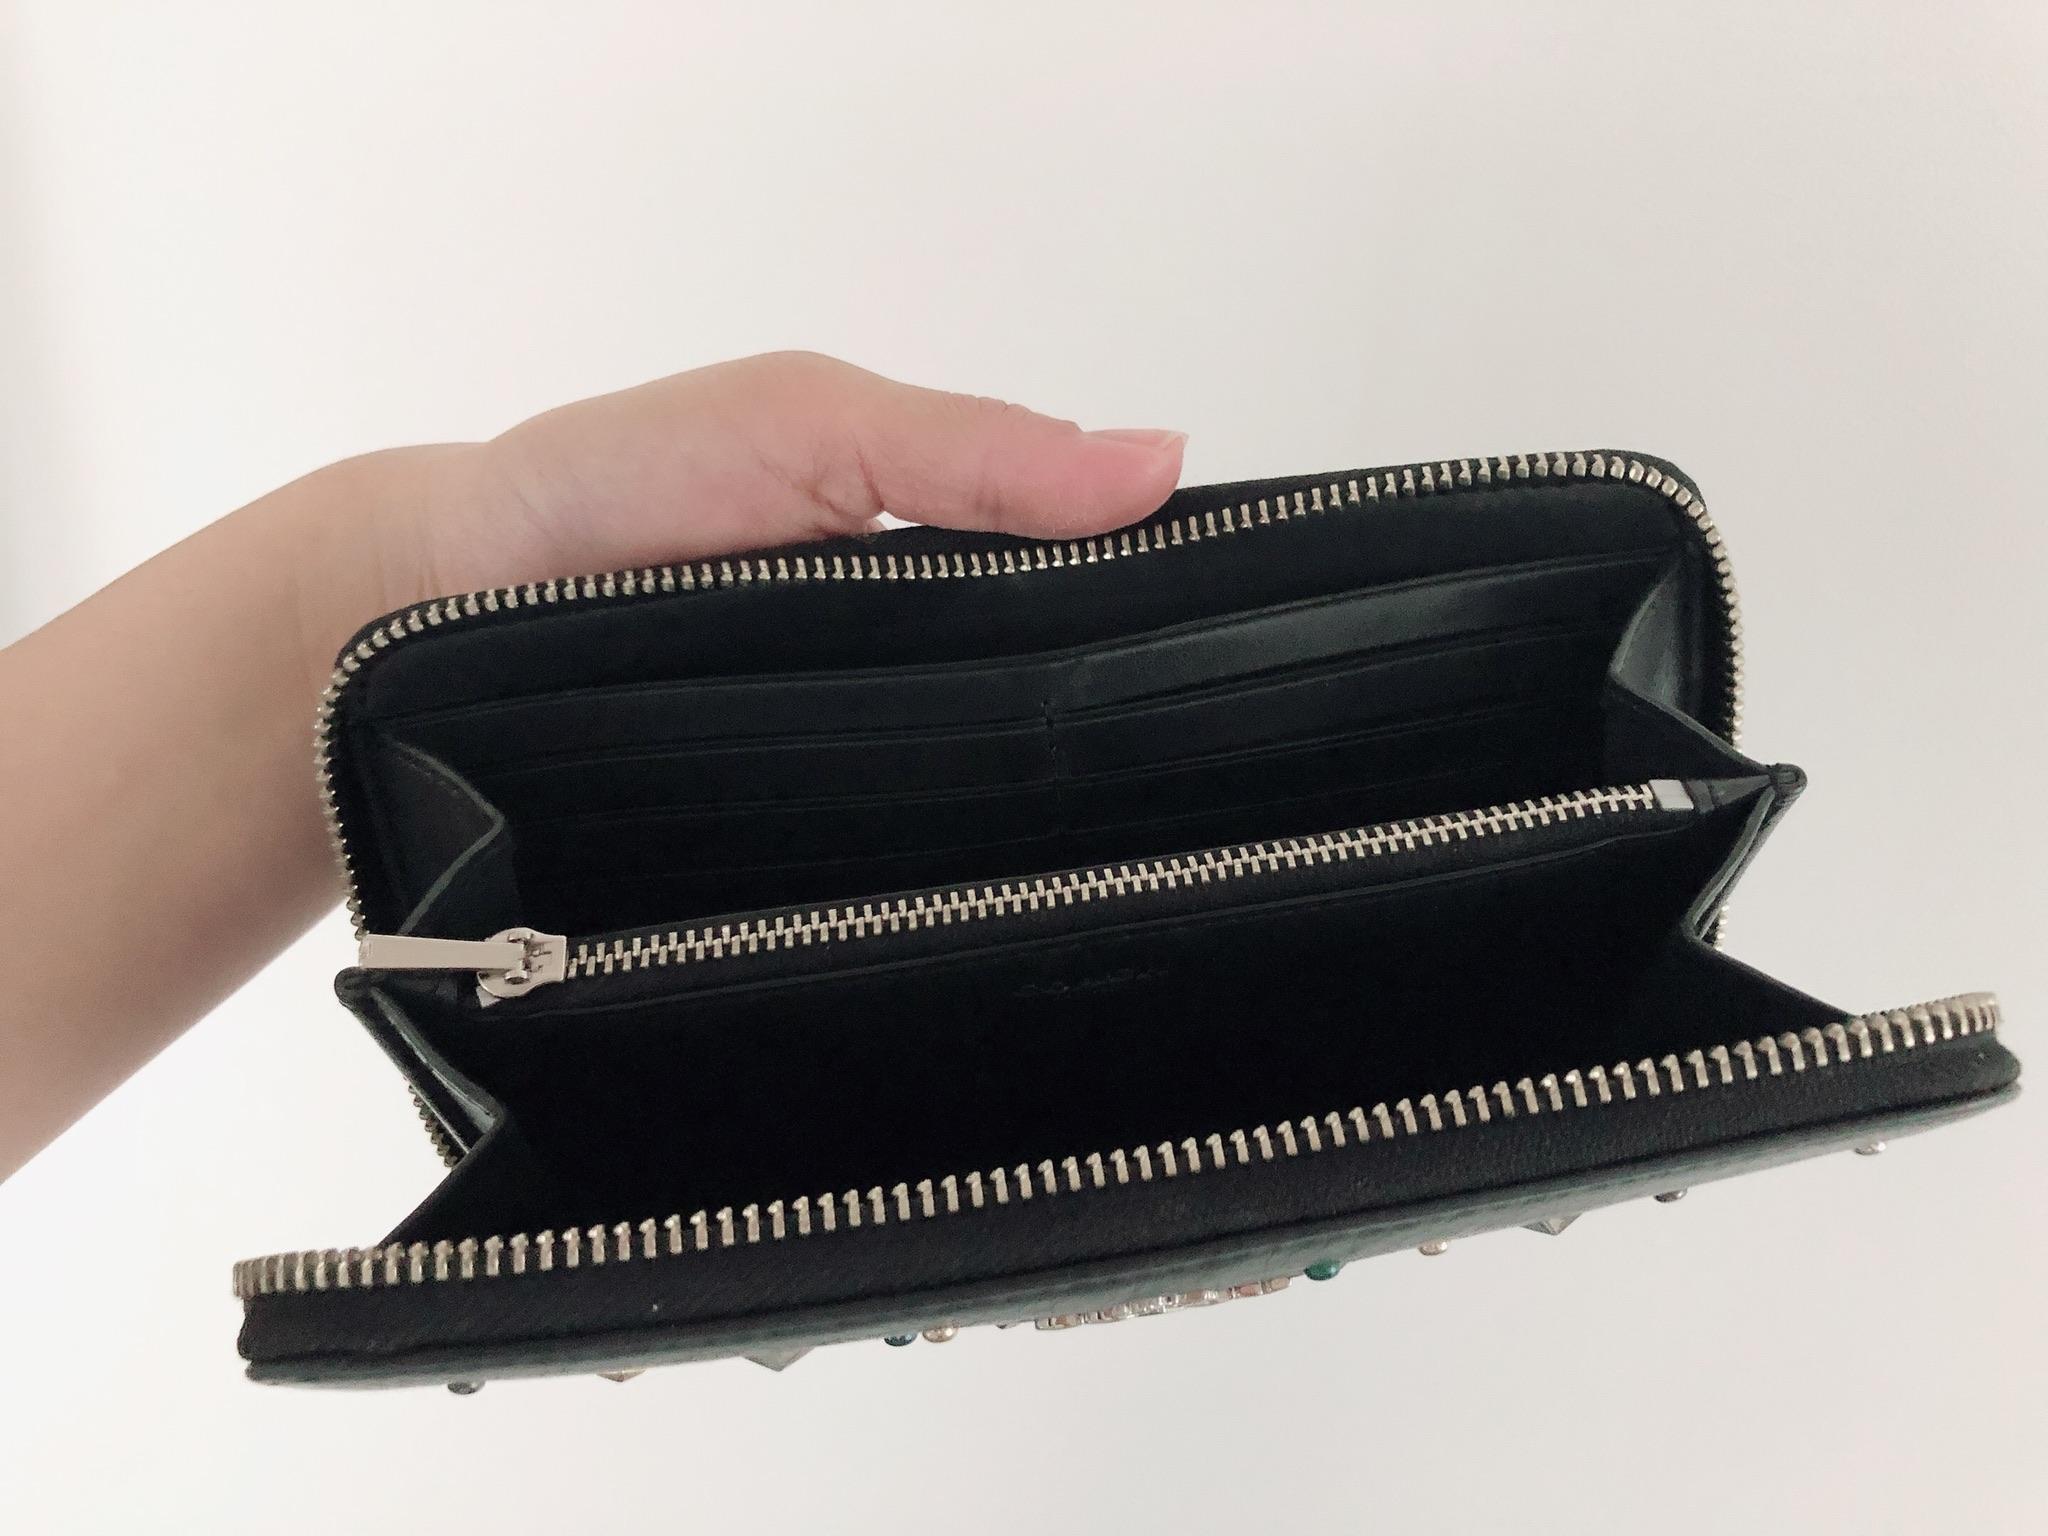 【20代女子の愛用財布】《COACH》派手すぎない星空みたいなキラキラスタッズがお気に入り˚✧₊バッグもお揃いで使用しています♩_4